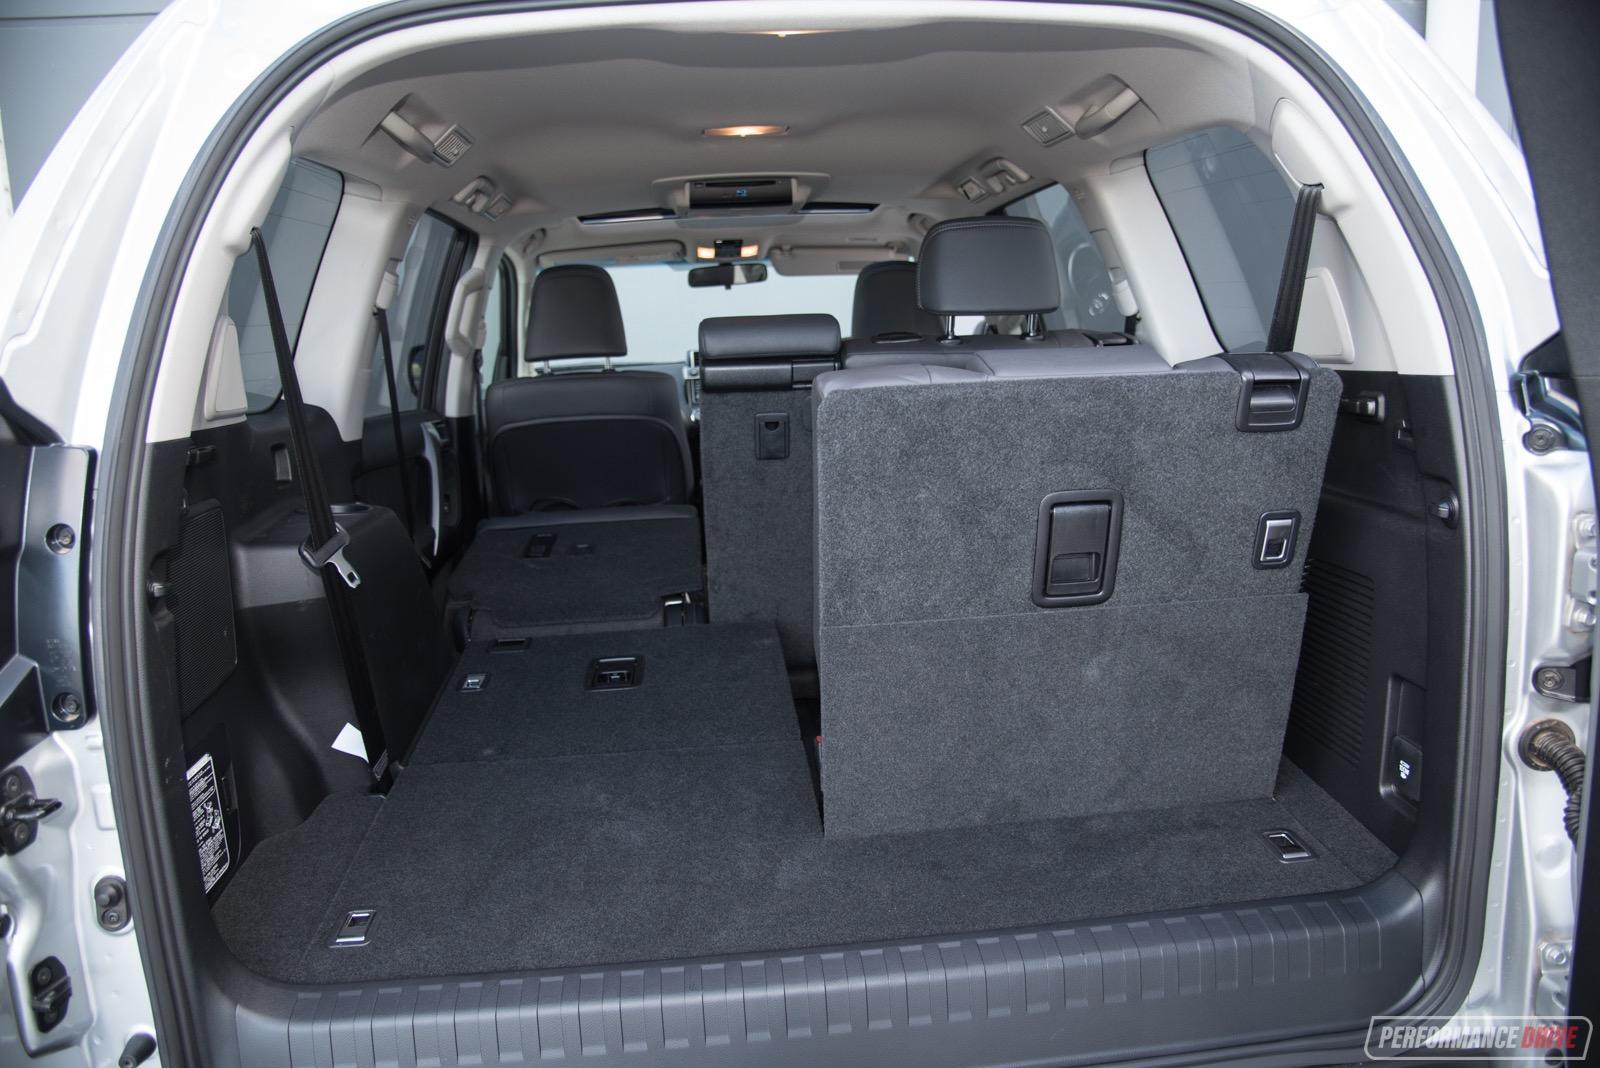 Toyota Prado Altitude Min Cargo Space on Toyota Land Cruiser Off Road